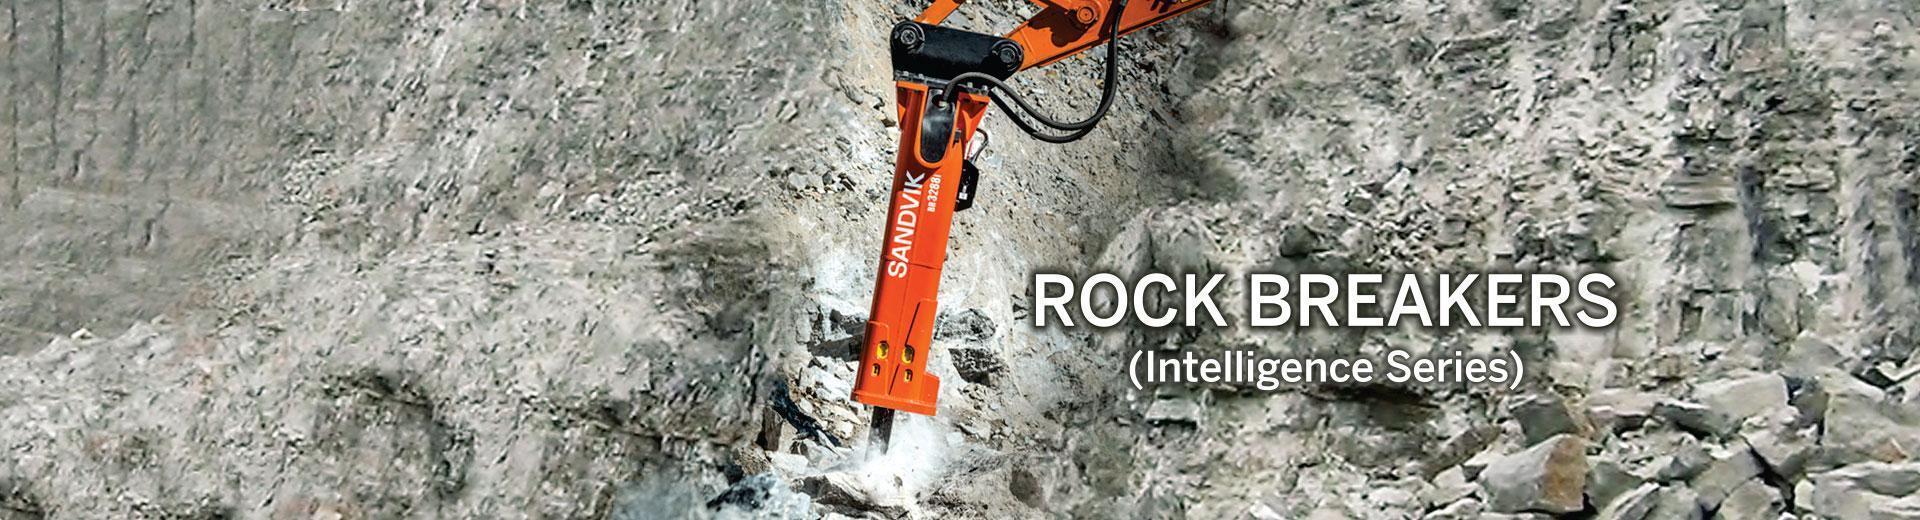 Rock Breakers Intelligence Series